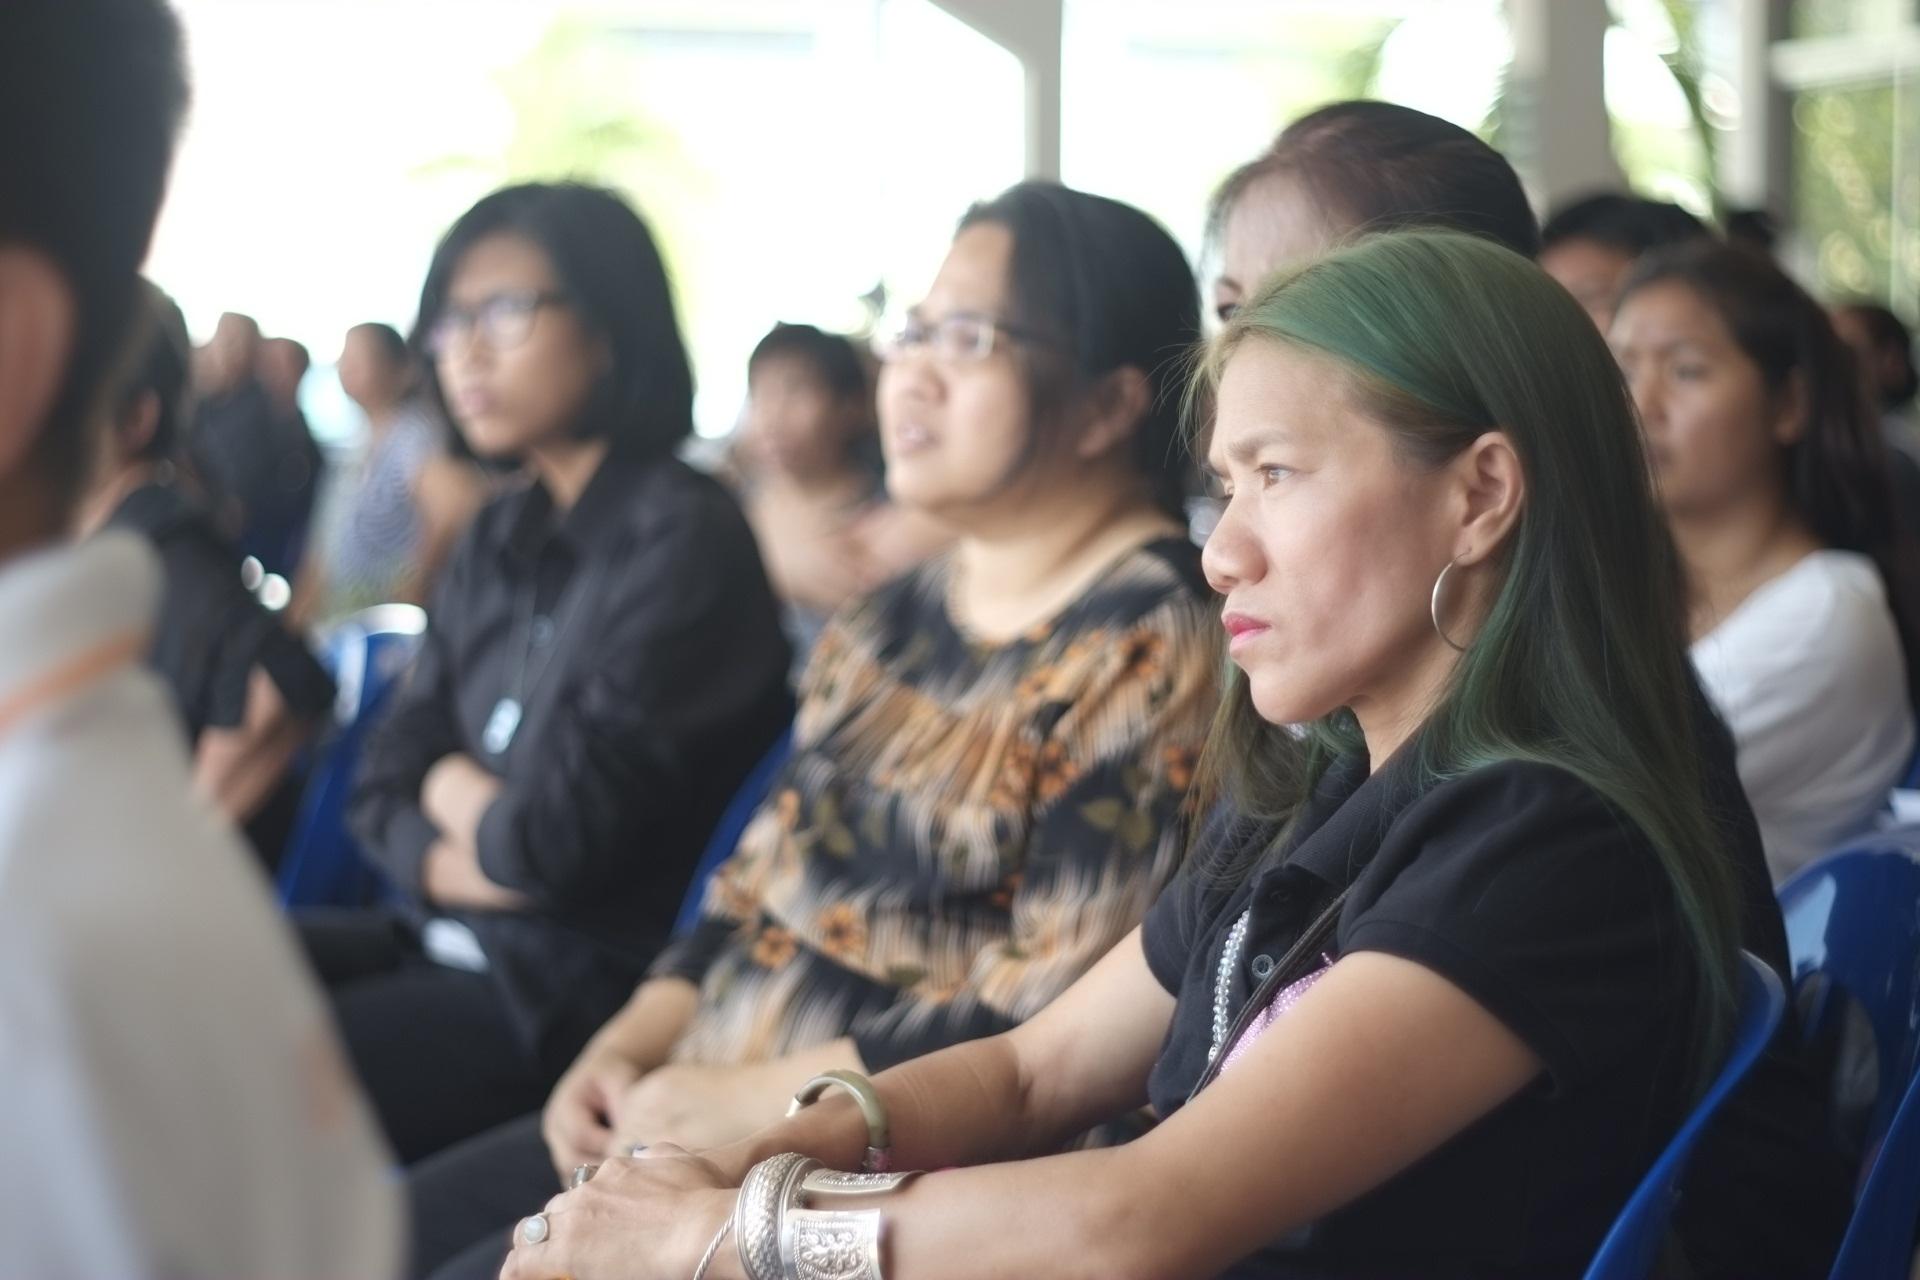 2014-04-06_15.36.18 วัดประชุมคงคา